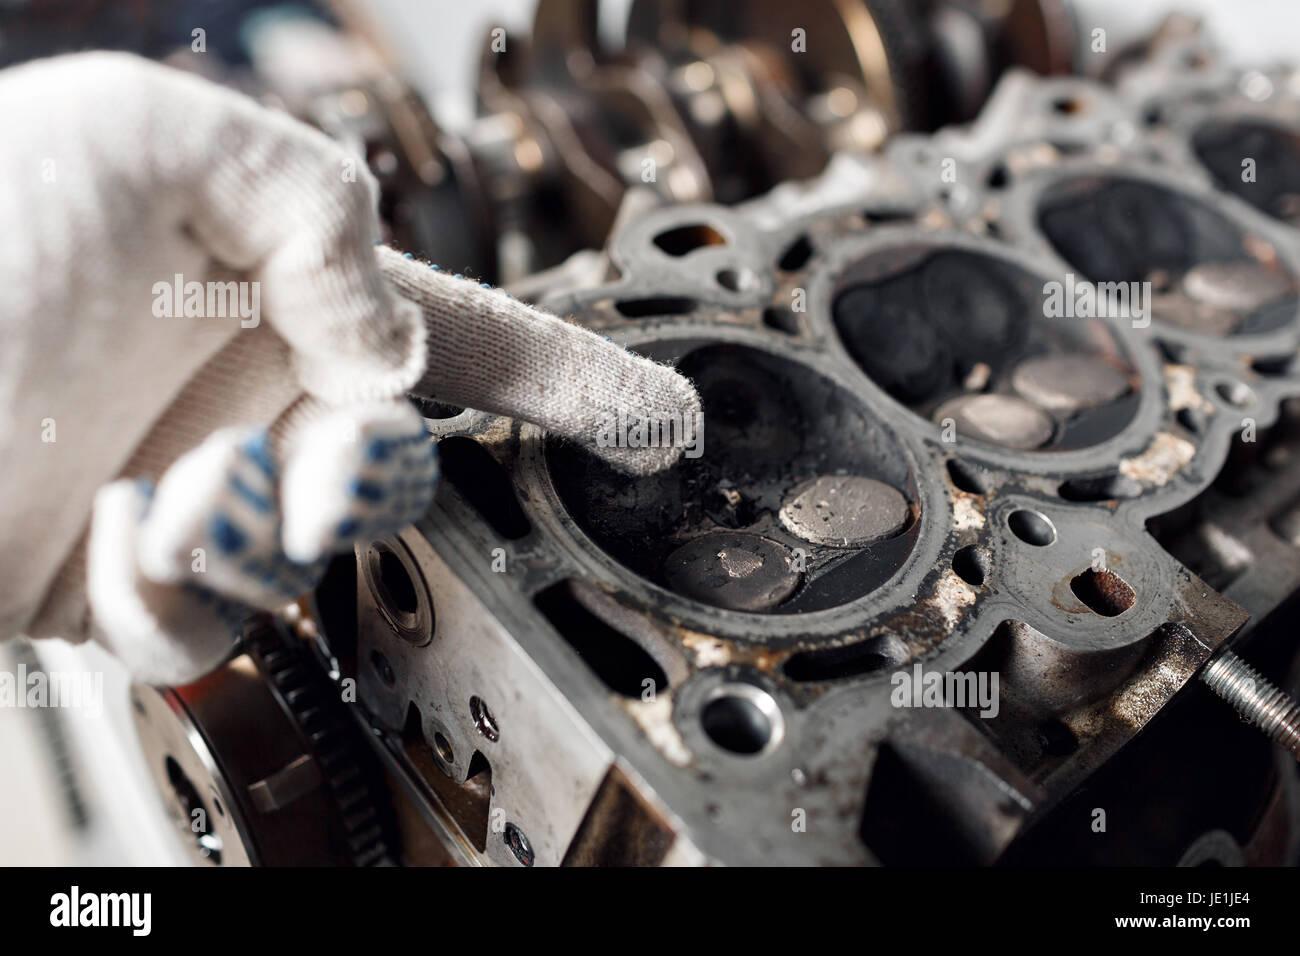 Camshaft close up, Four valve per cylinder system - Stock Image